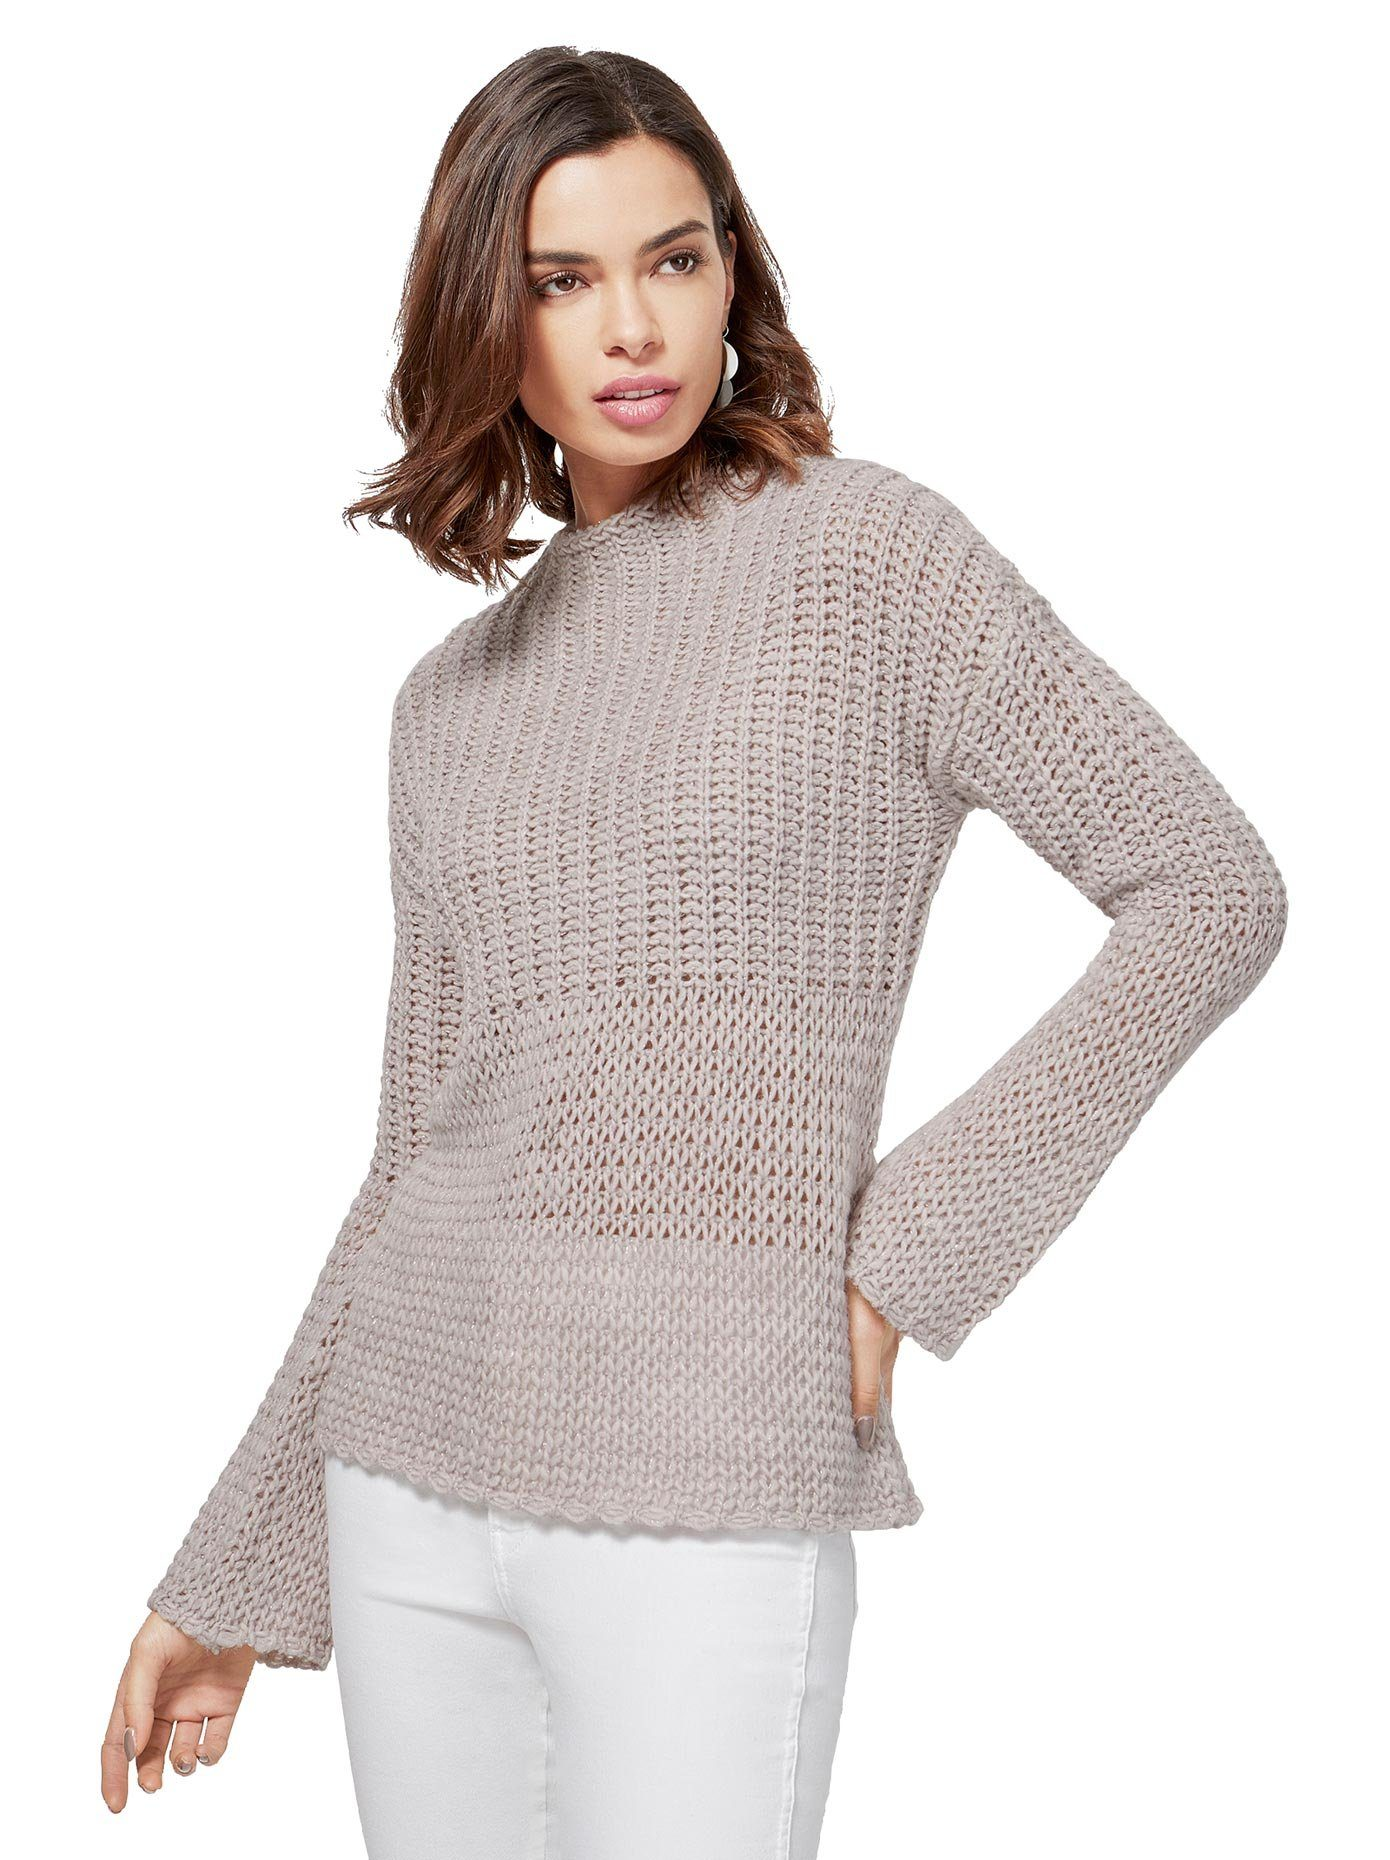 creation L création L Pullover mit grober Maschung, Pullover mit feinen Glanzfäden online kaufen   OTTO